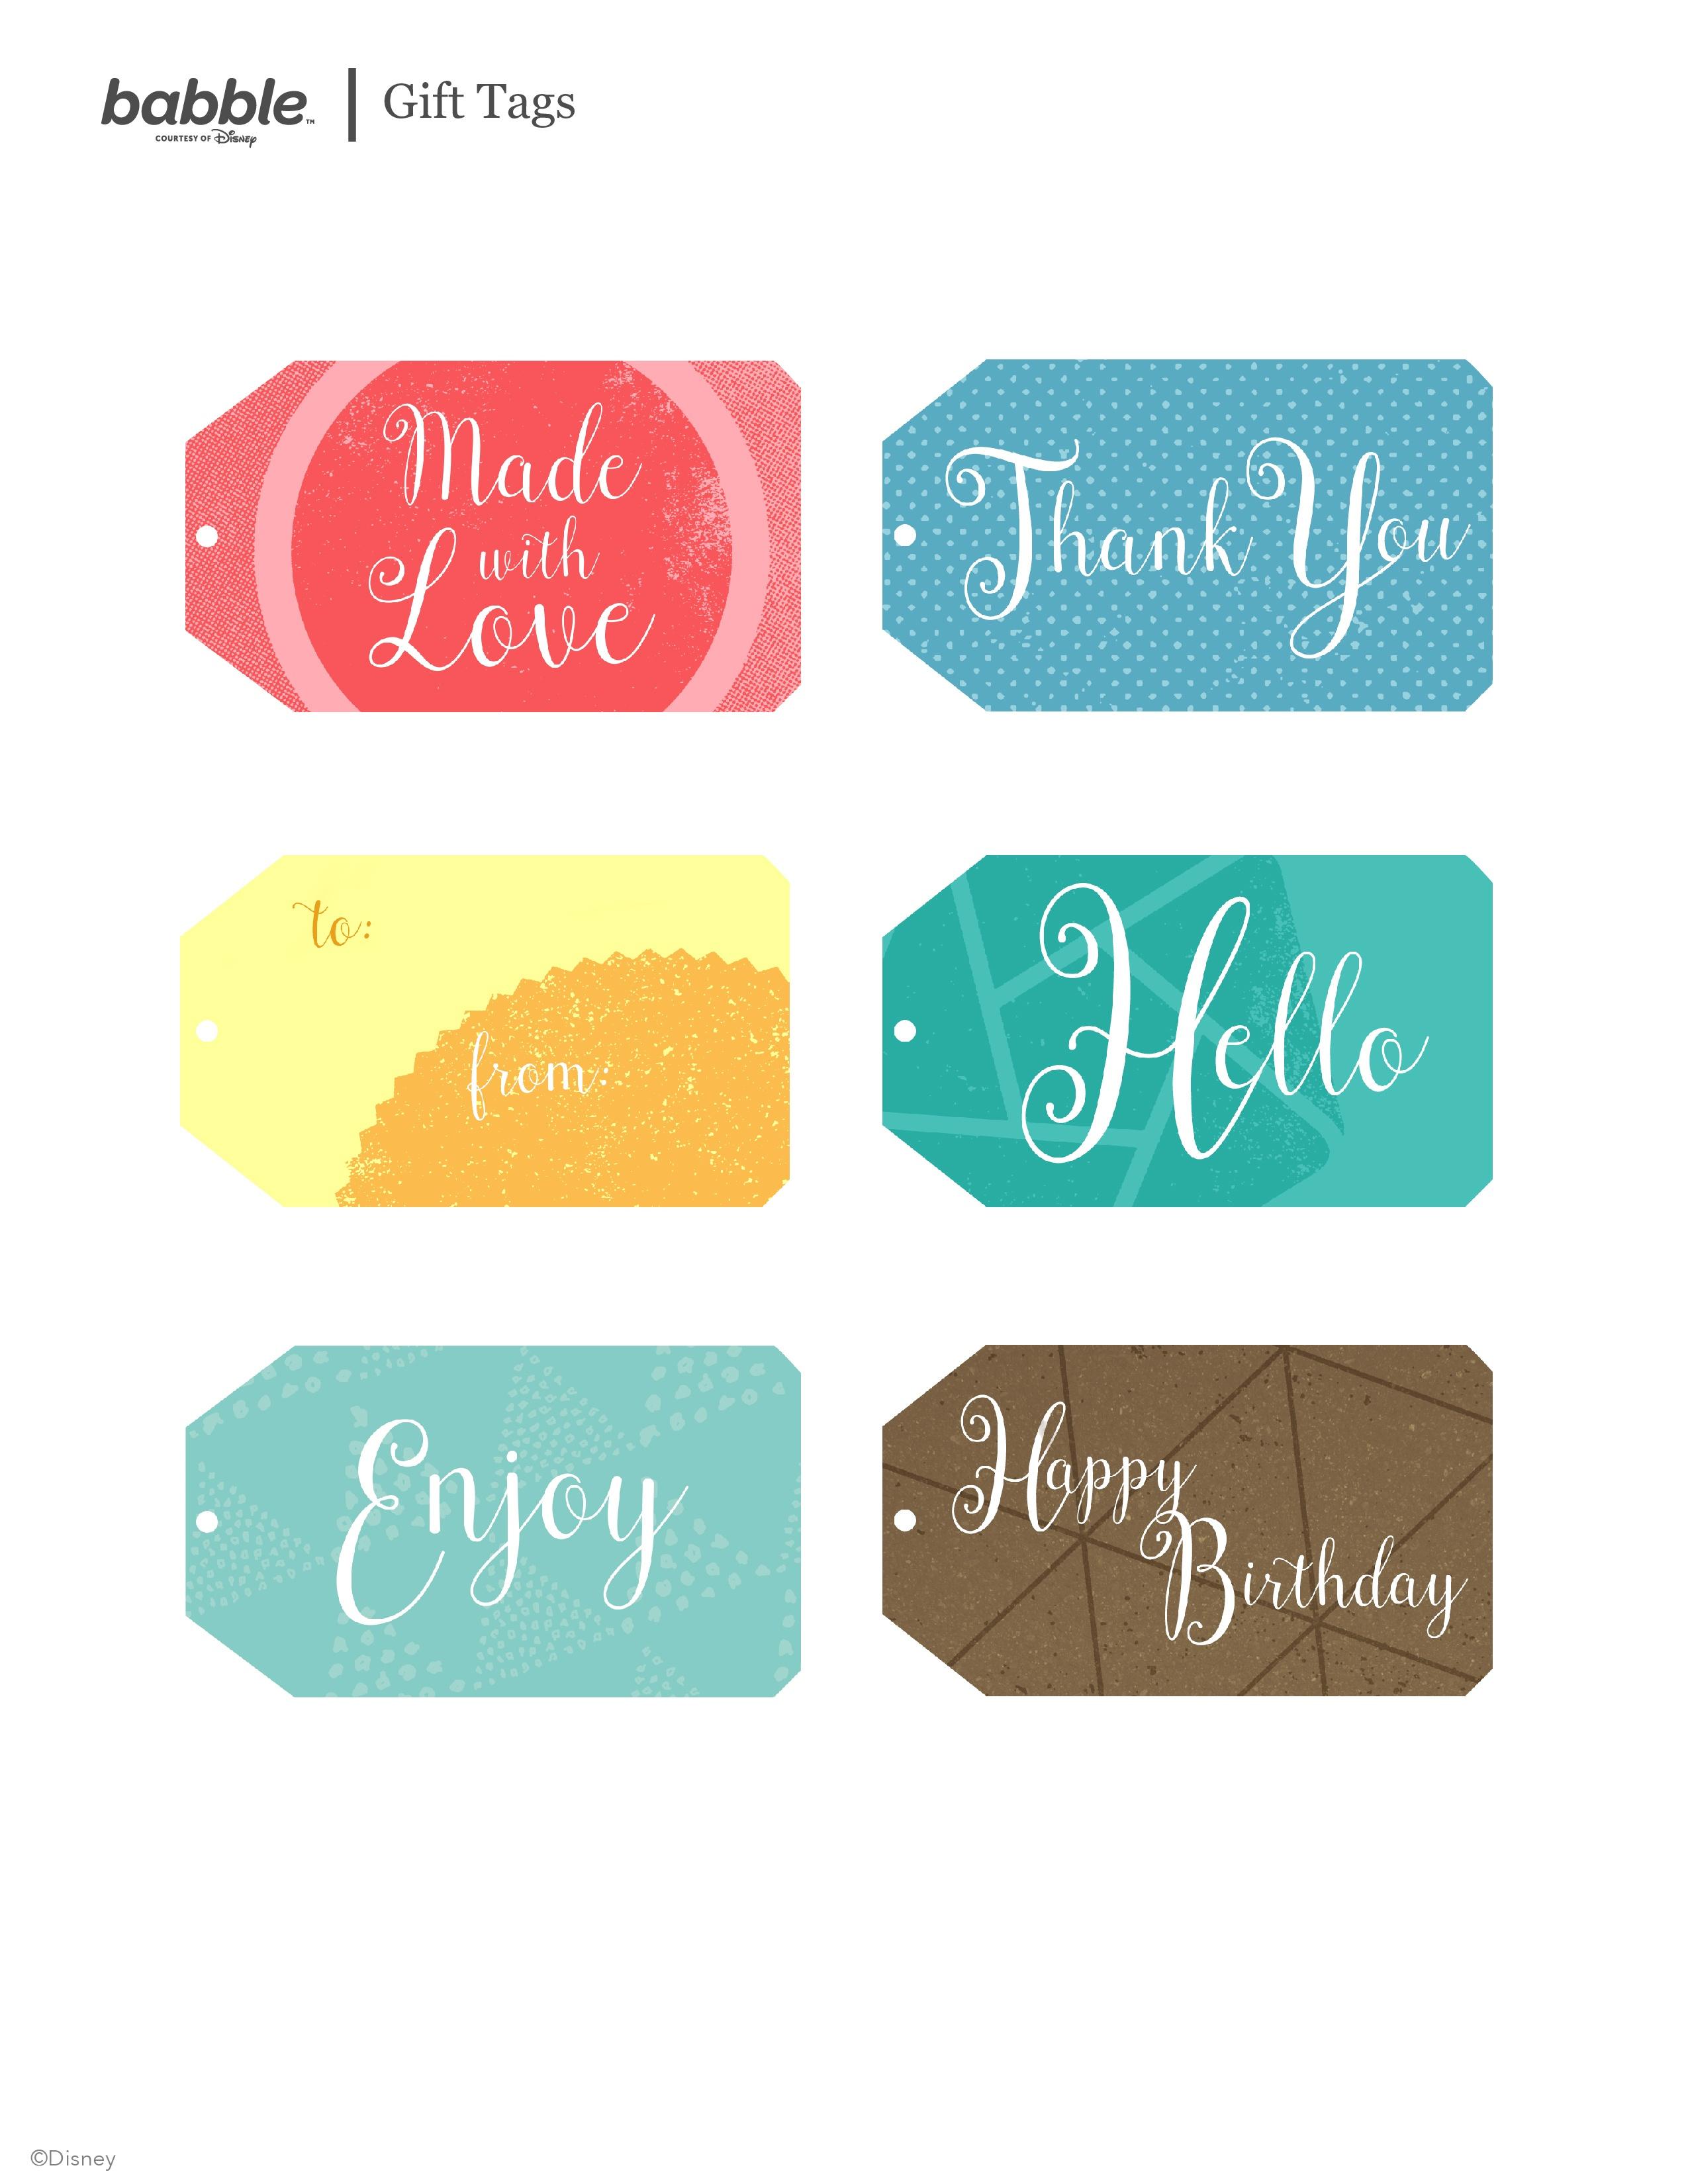 Free Printable Gift Tags | Babble - Free Printable Tags